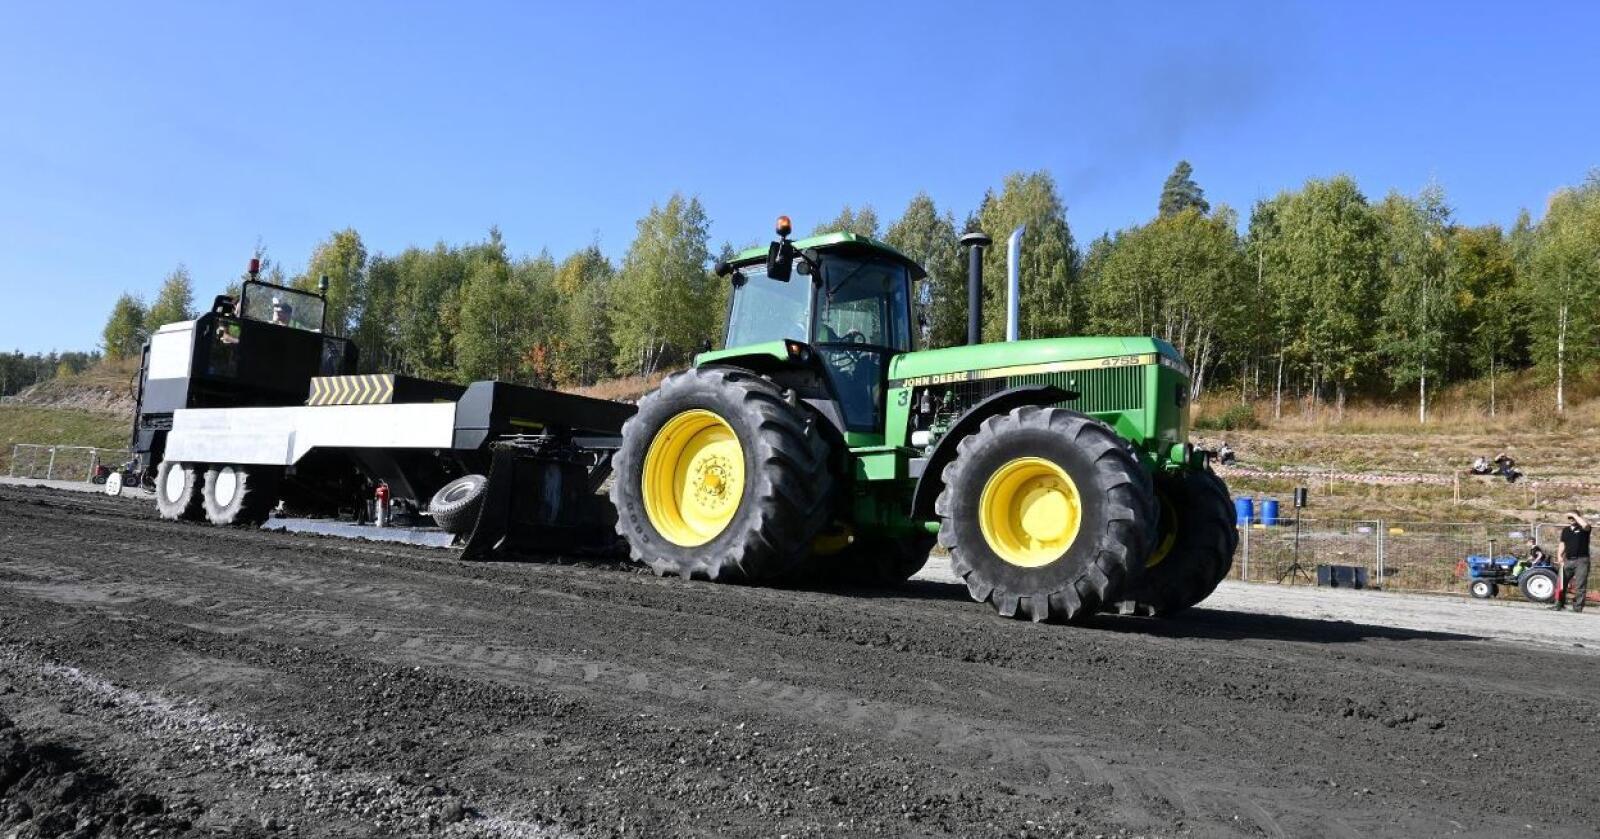 Klart: Hedmark Tractorpulling inviterer til stevne i Byhagan i Brumunddal. Bildet er fra fjorårets stevne, der blant annet Trond Grini (avbildet) måtte kjøre nesten uten tilskuere.